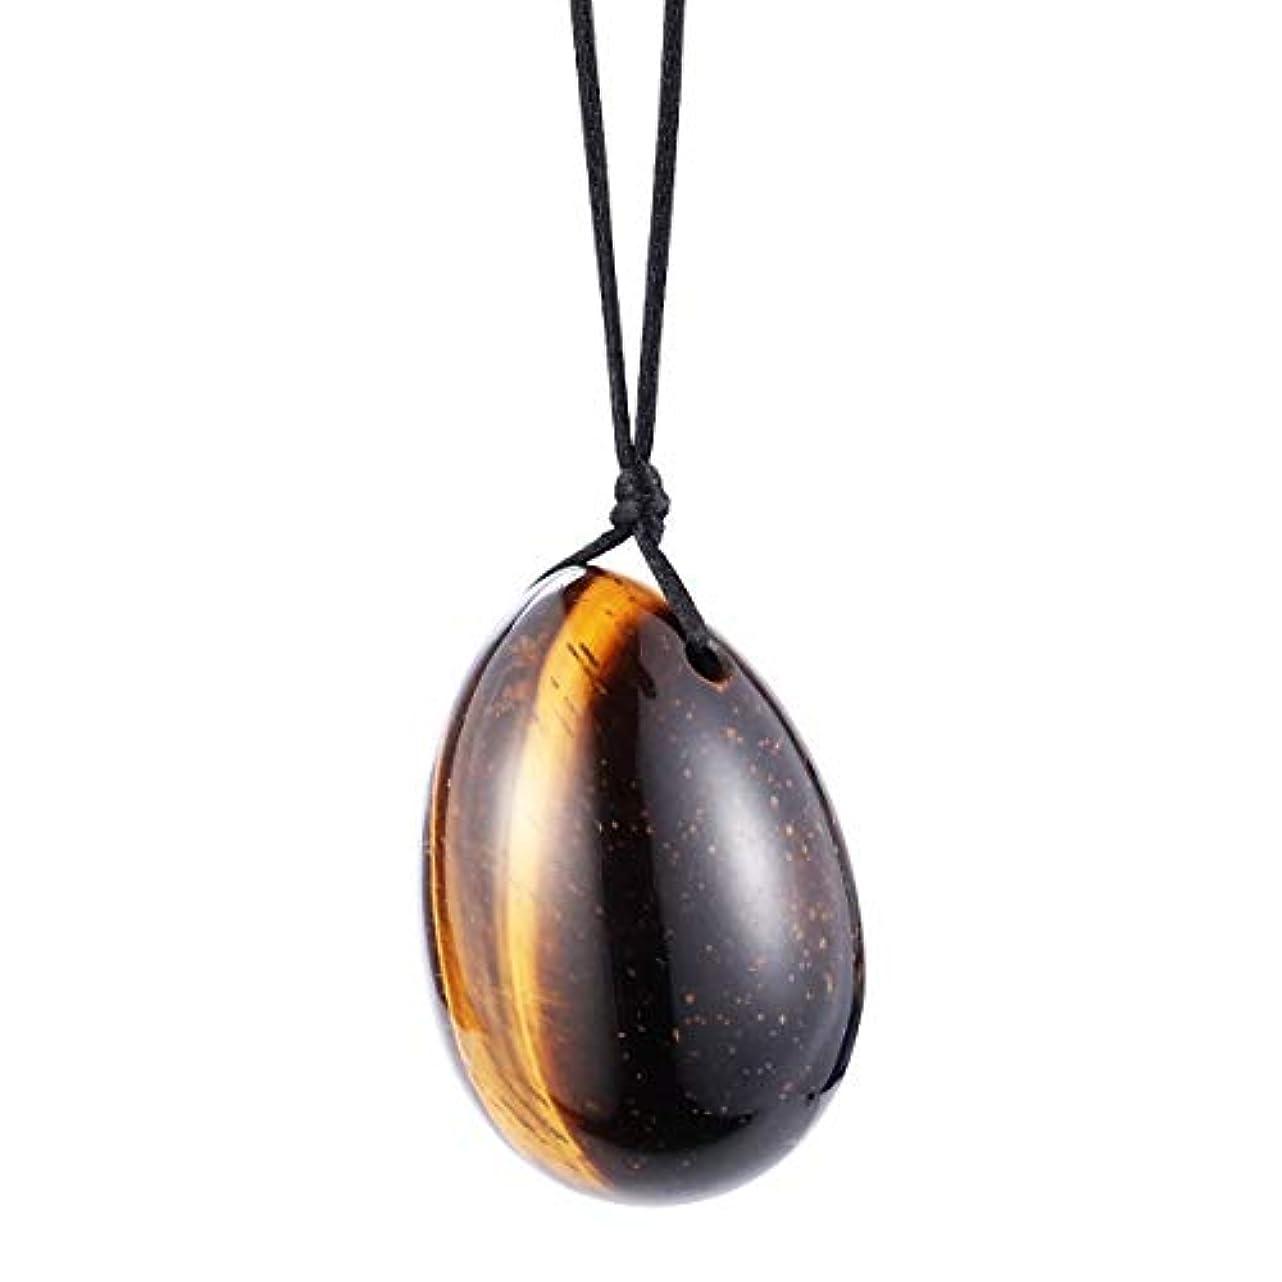 強制的両方レザーSUPVOX クリスタルクォーツ玉卵ケーグル運動骨盤底筋膣運動ヨニ卵ヘルスケア用女性ギフト